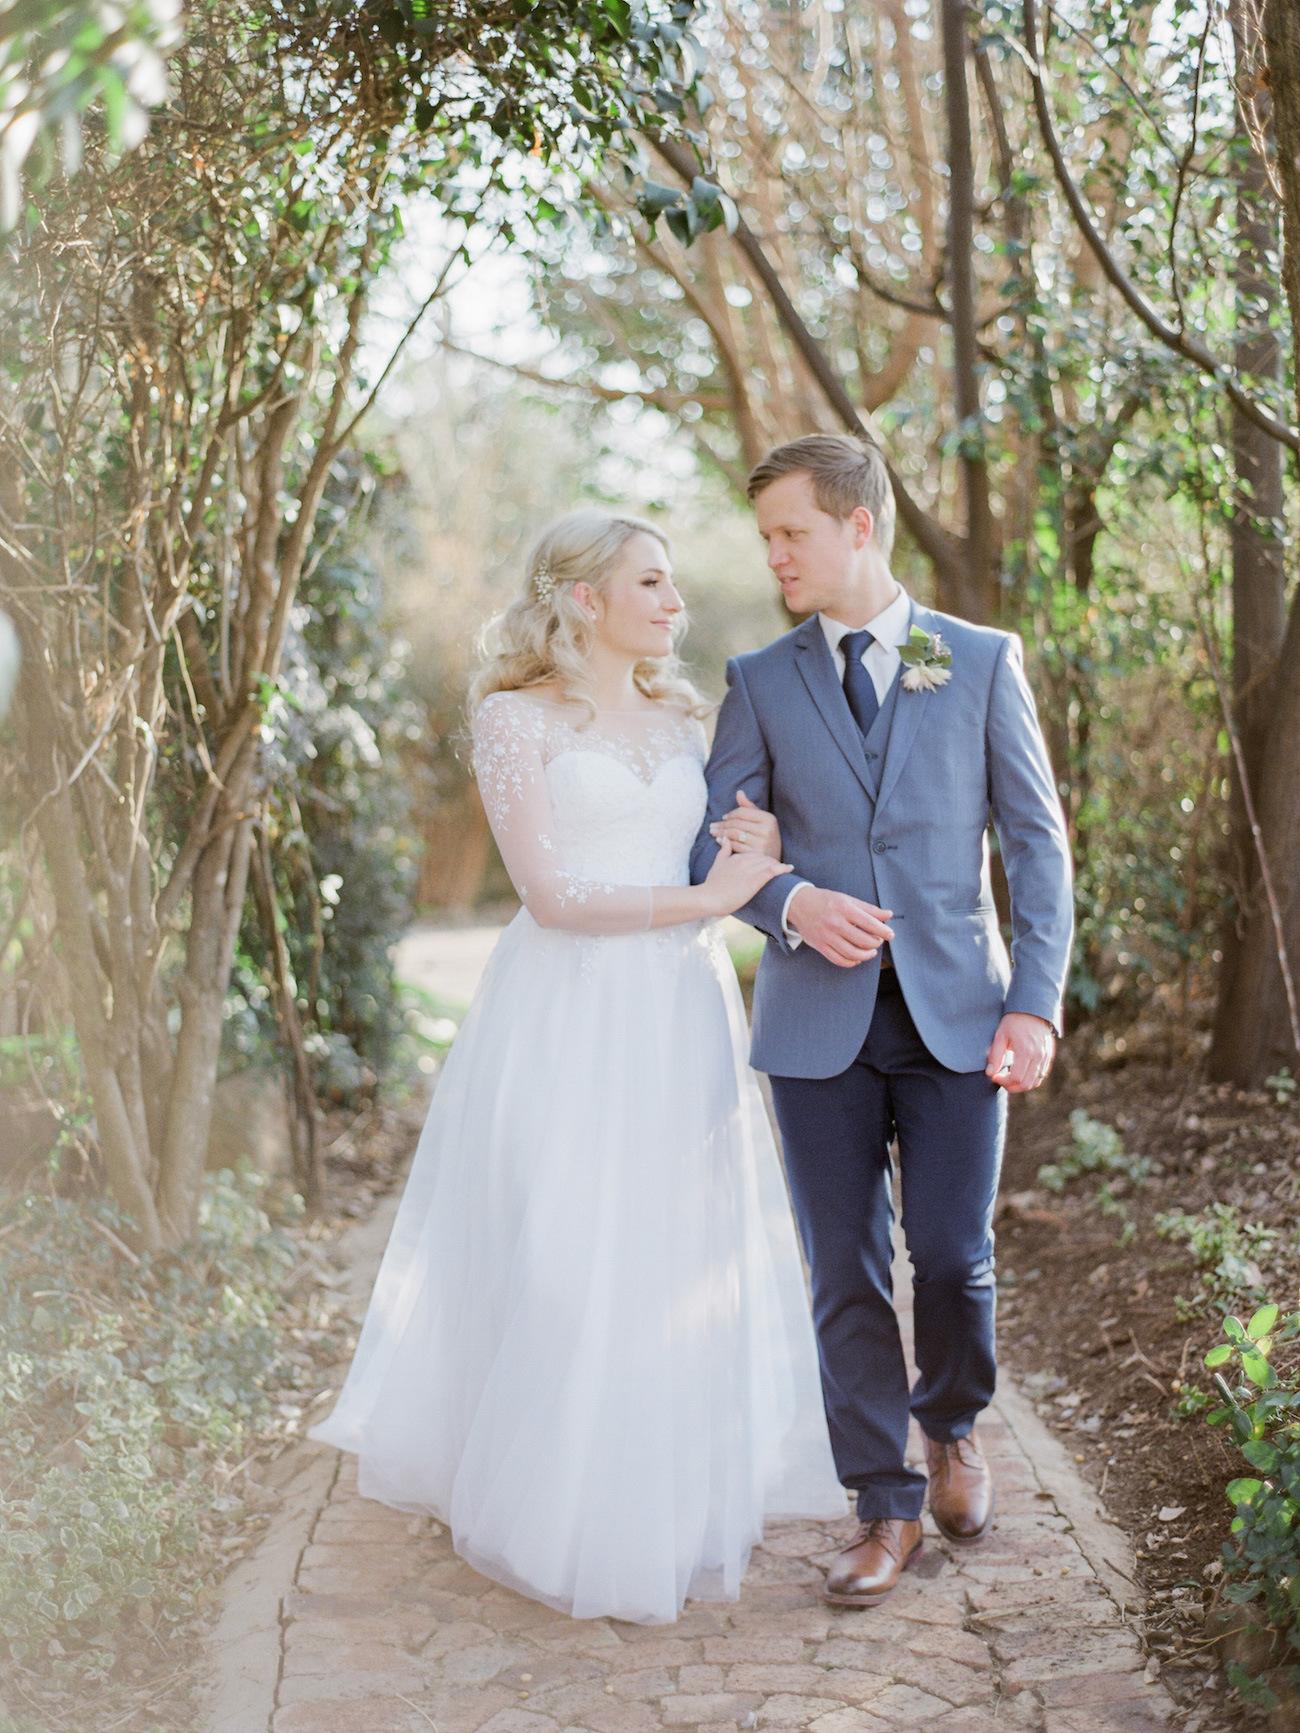 Illusion Neckline Wedding Dress | Image: Rensche Mari